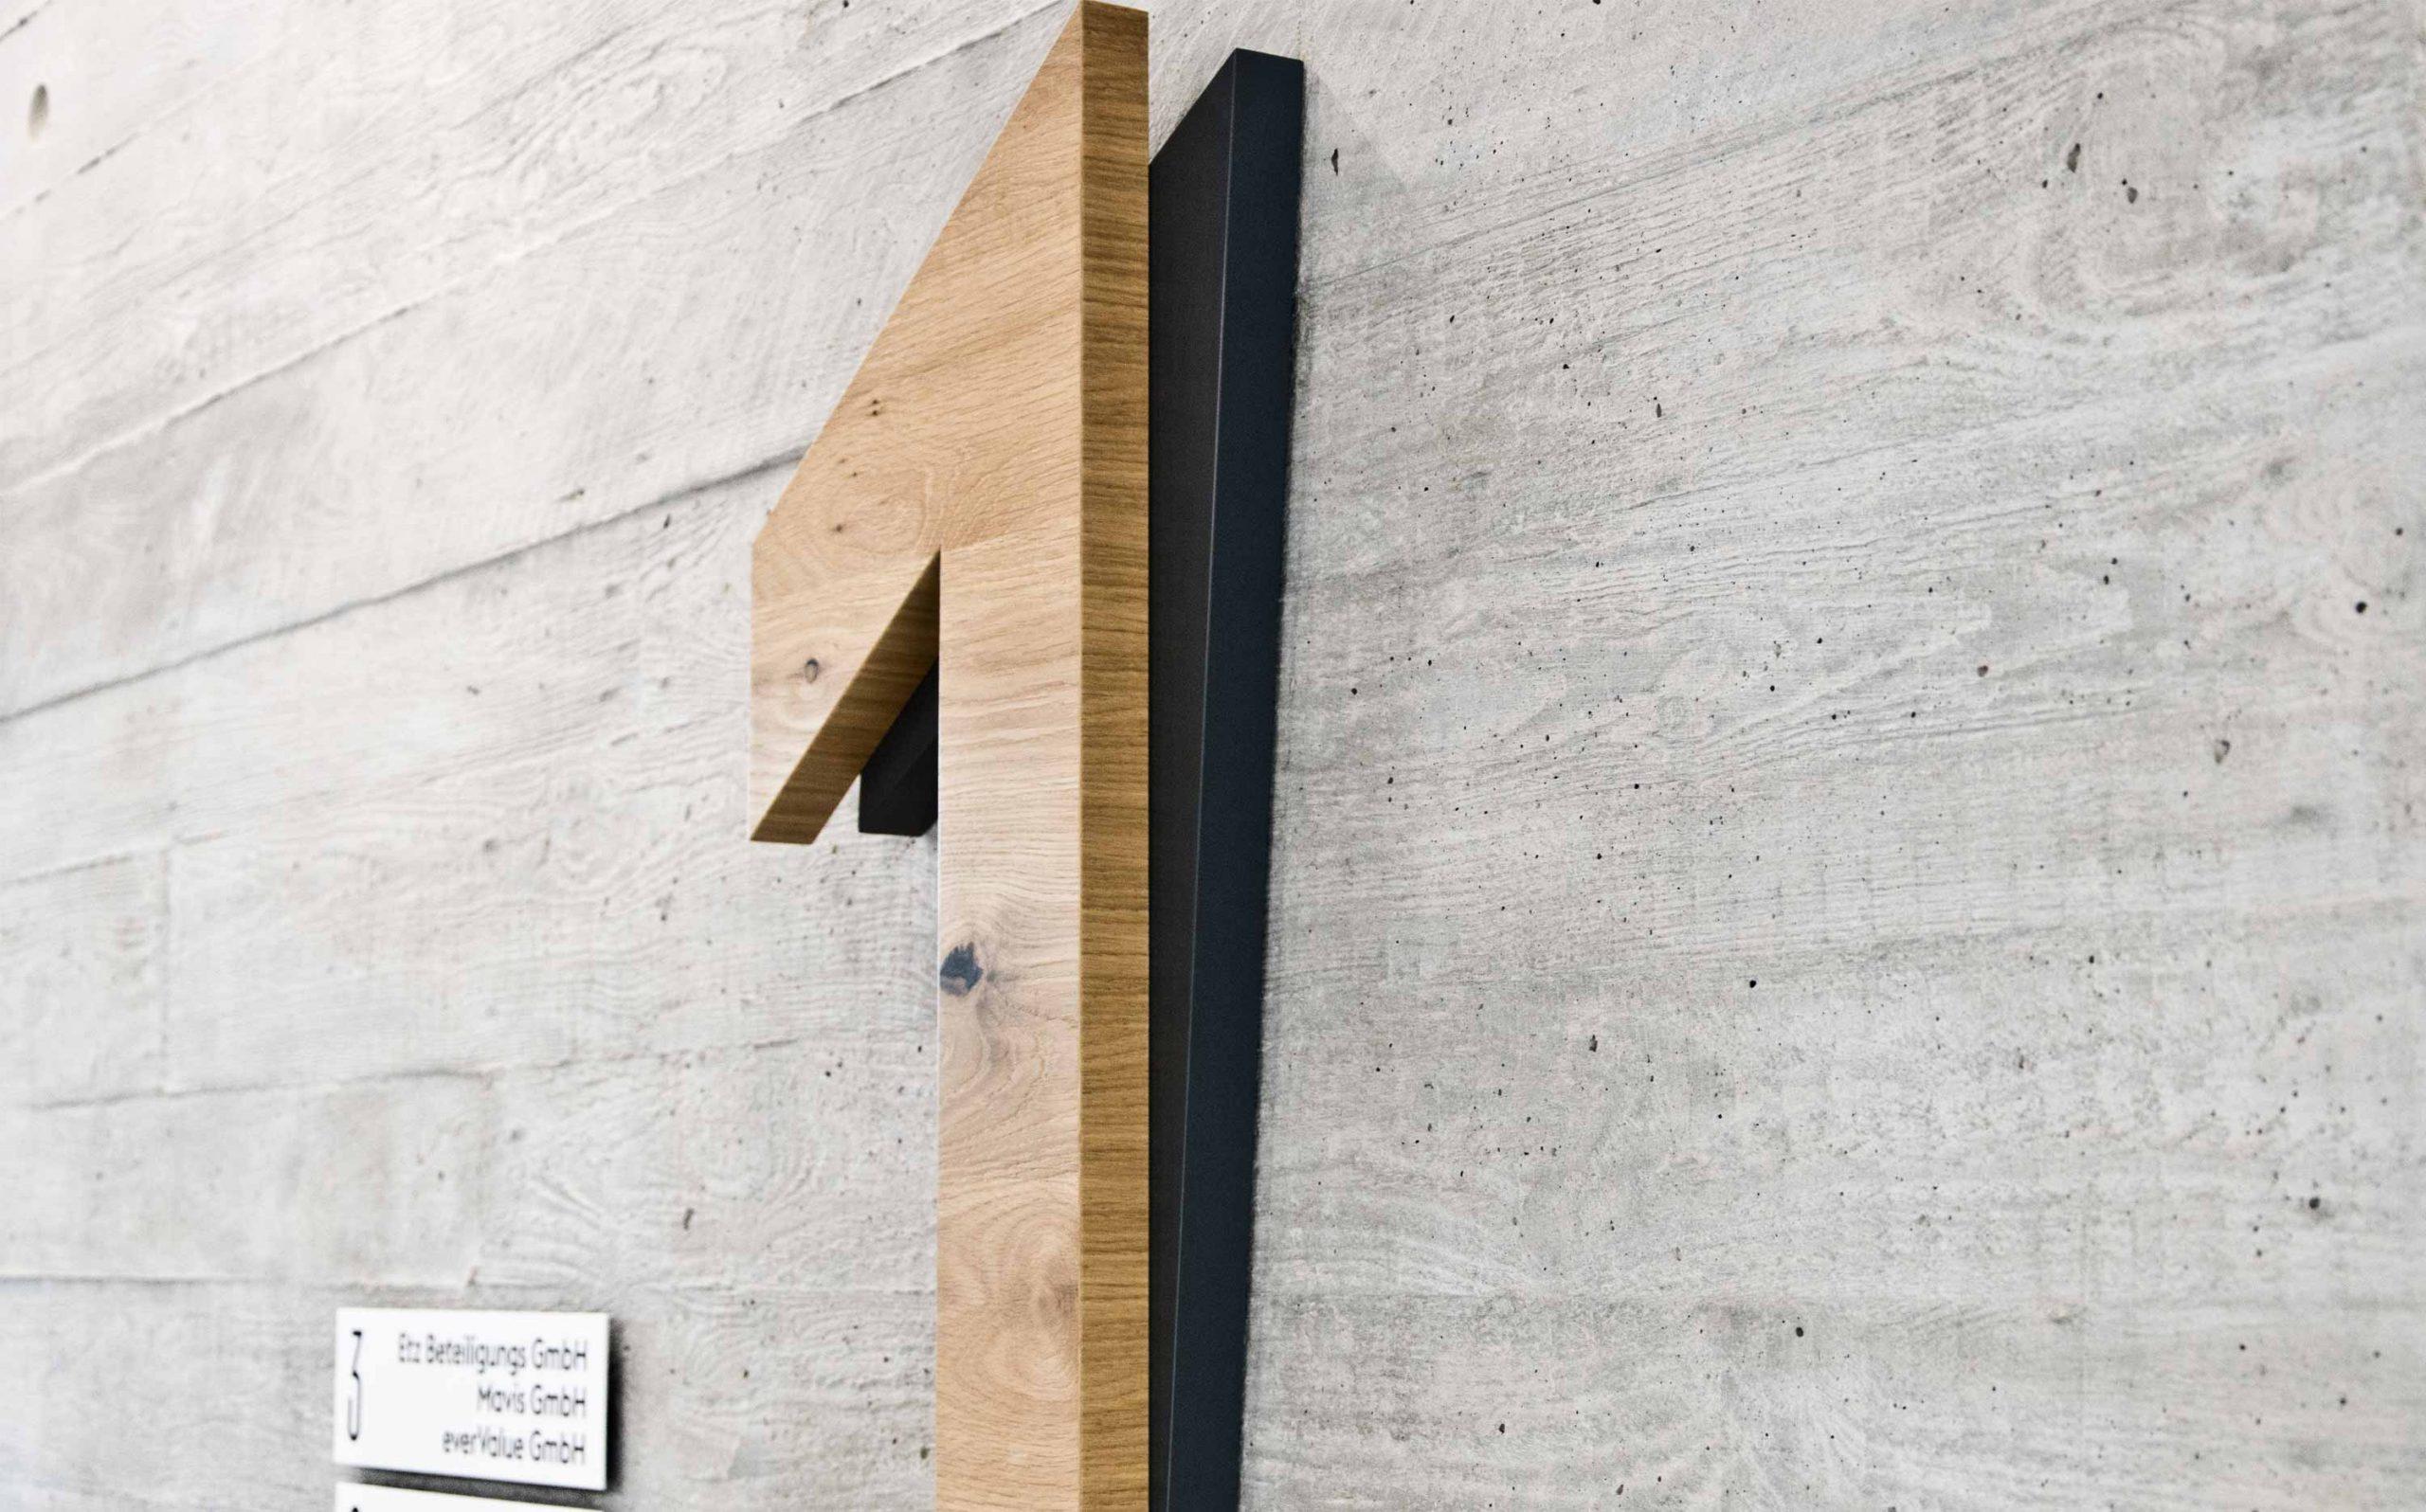 Leit- & Informationssystem The Beach, Düsseldorf | Etagenkennzeichnung OG1, Detaildesign | Keywords: Etagenkennzeichnung, Signaletik, Leitsystem, Orientierungssystem, Büro, Office, Design, Grafikdesign, Typografie